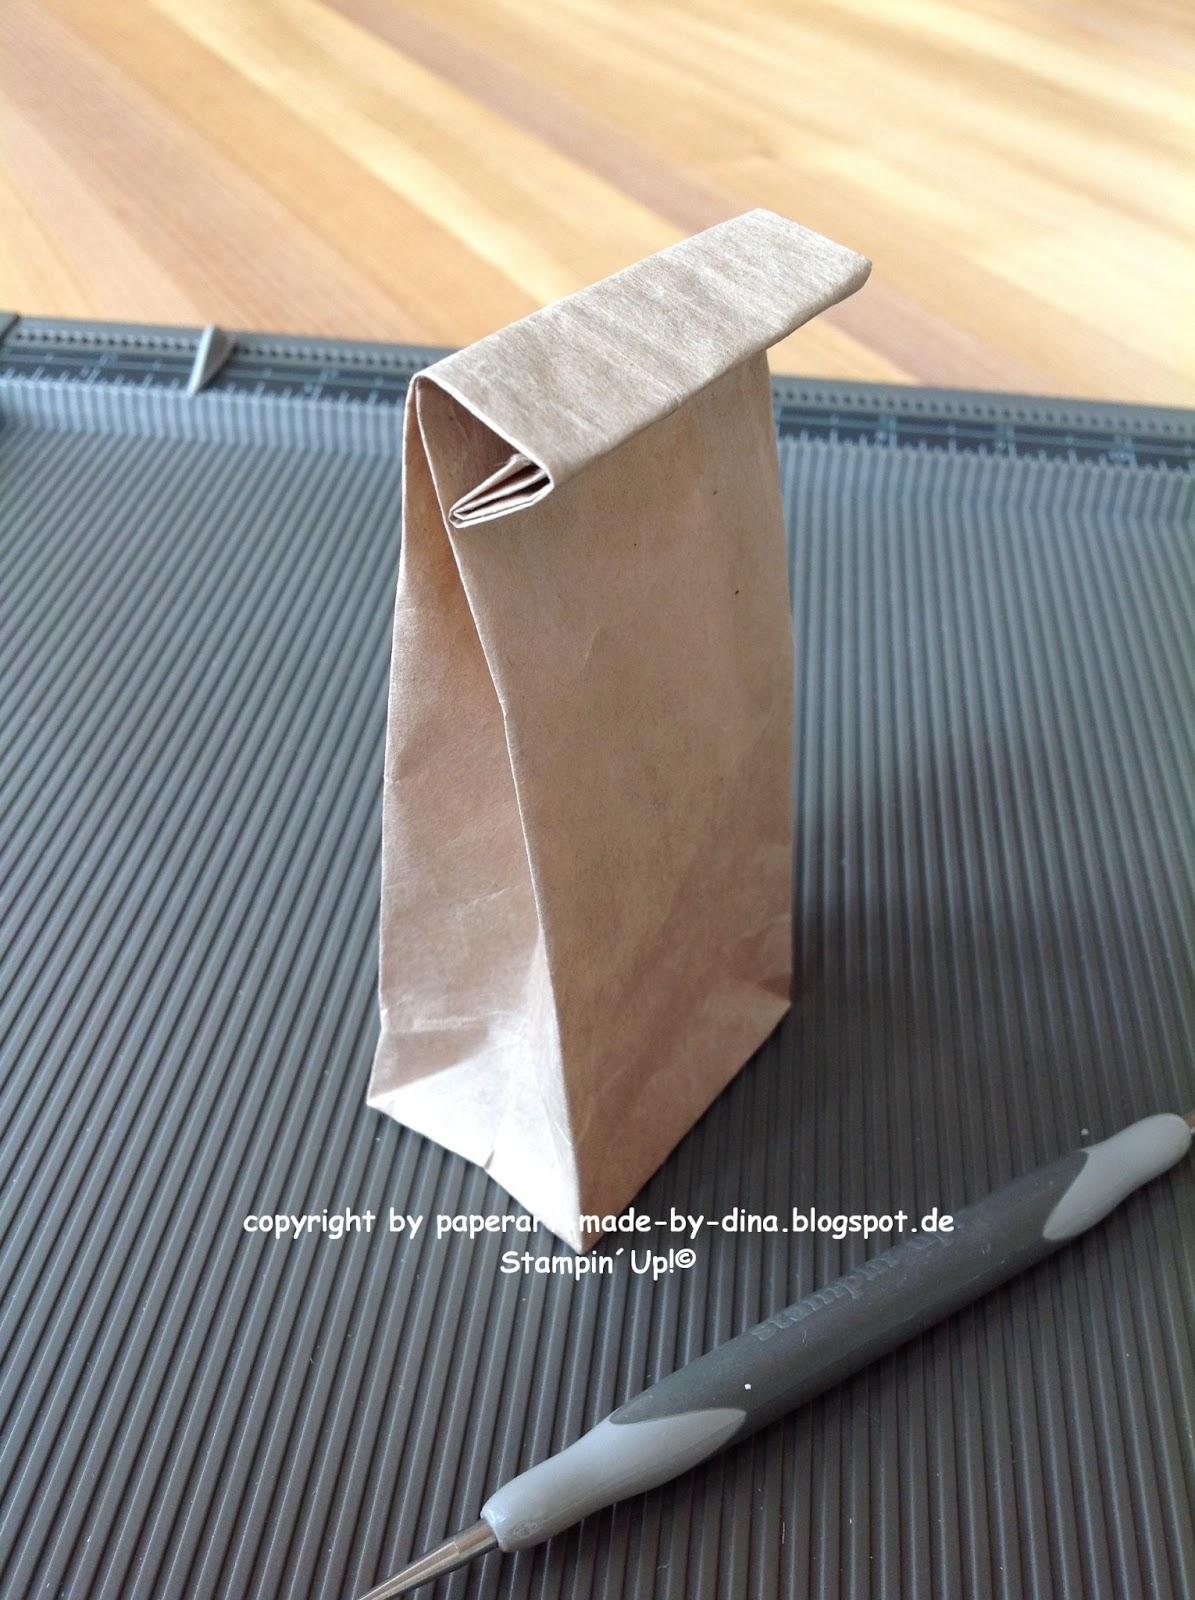 sch nes aus papier handgemacht anleitung zur mini luncht te. Black Bedroom Furniture Sets. Home Design Ideas